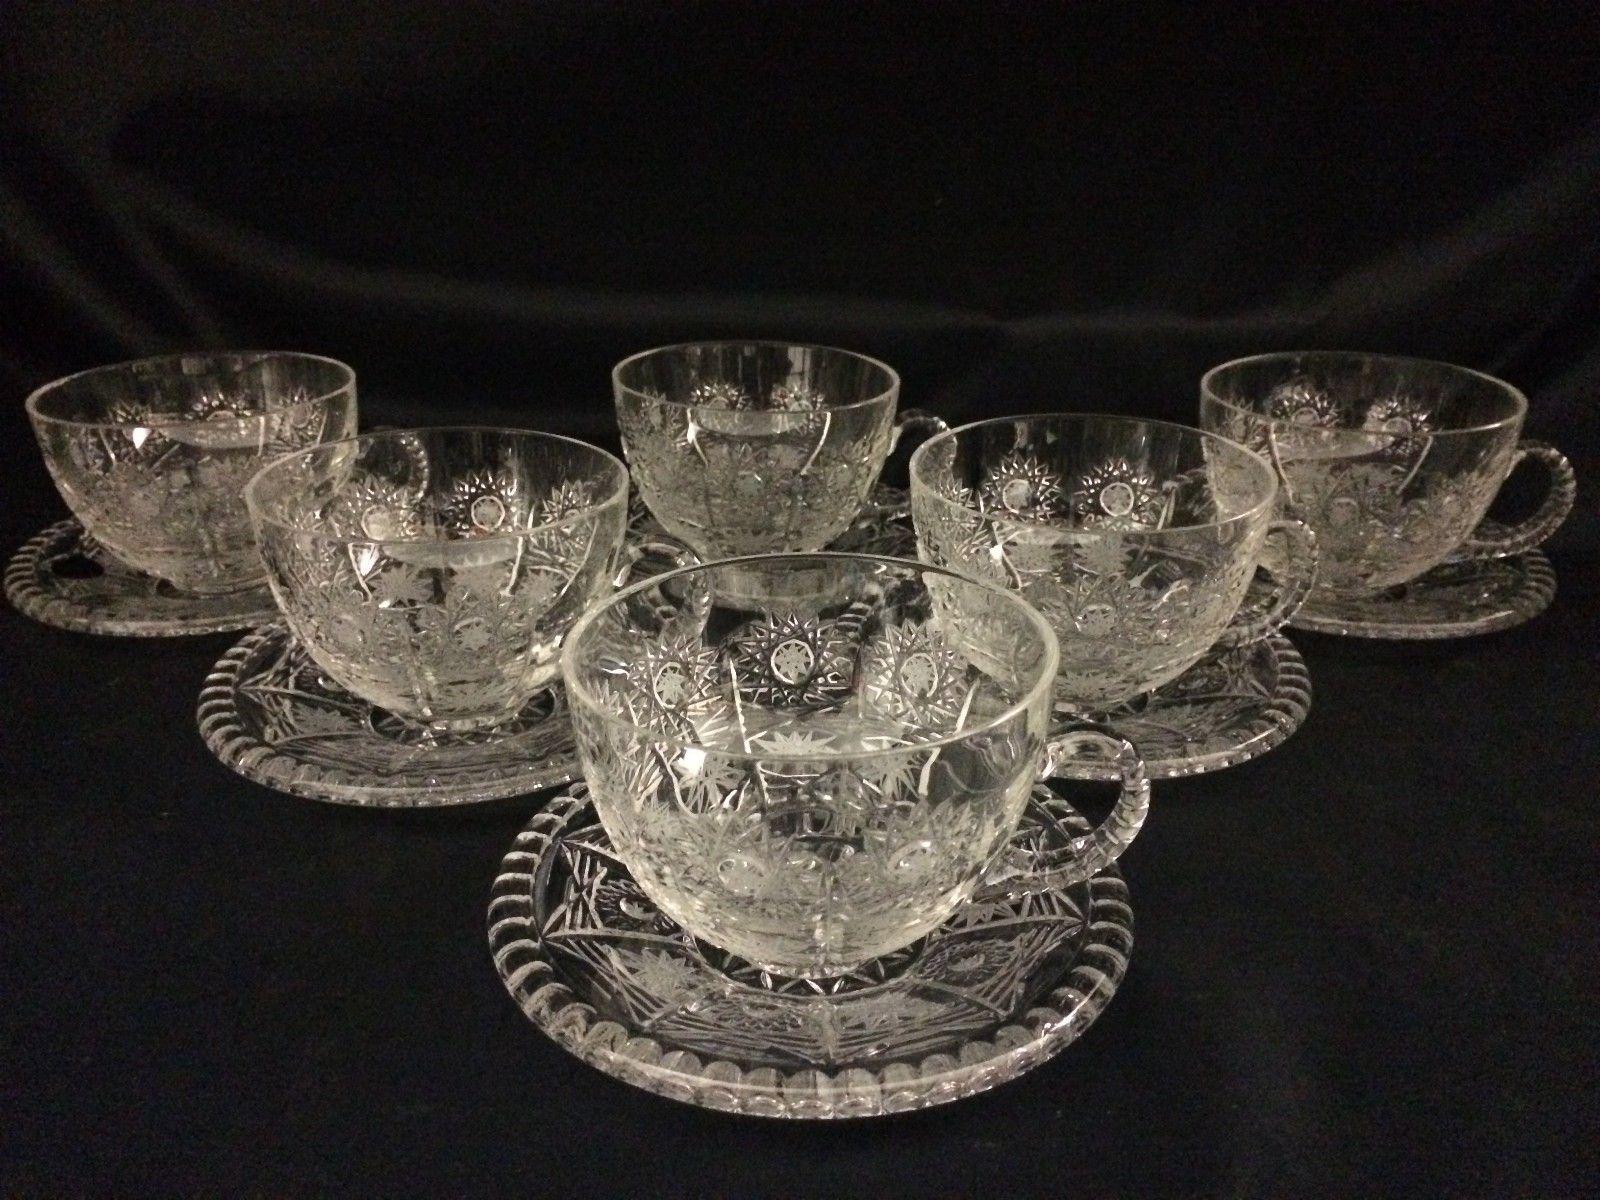 エングレーヴィング技法を使ったボヘミアングラスのカップ&ソーサー bohemian glass cup